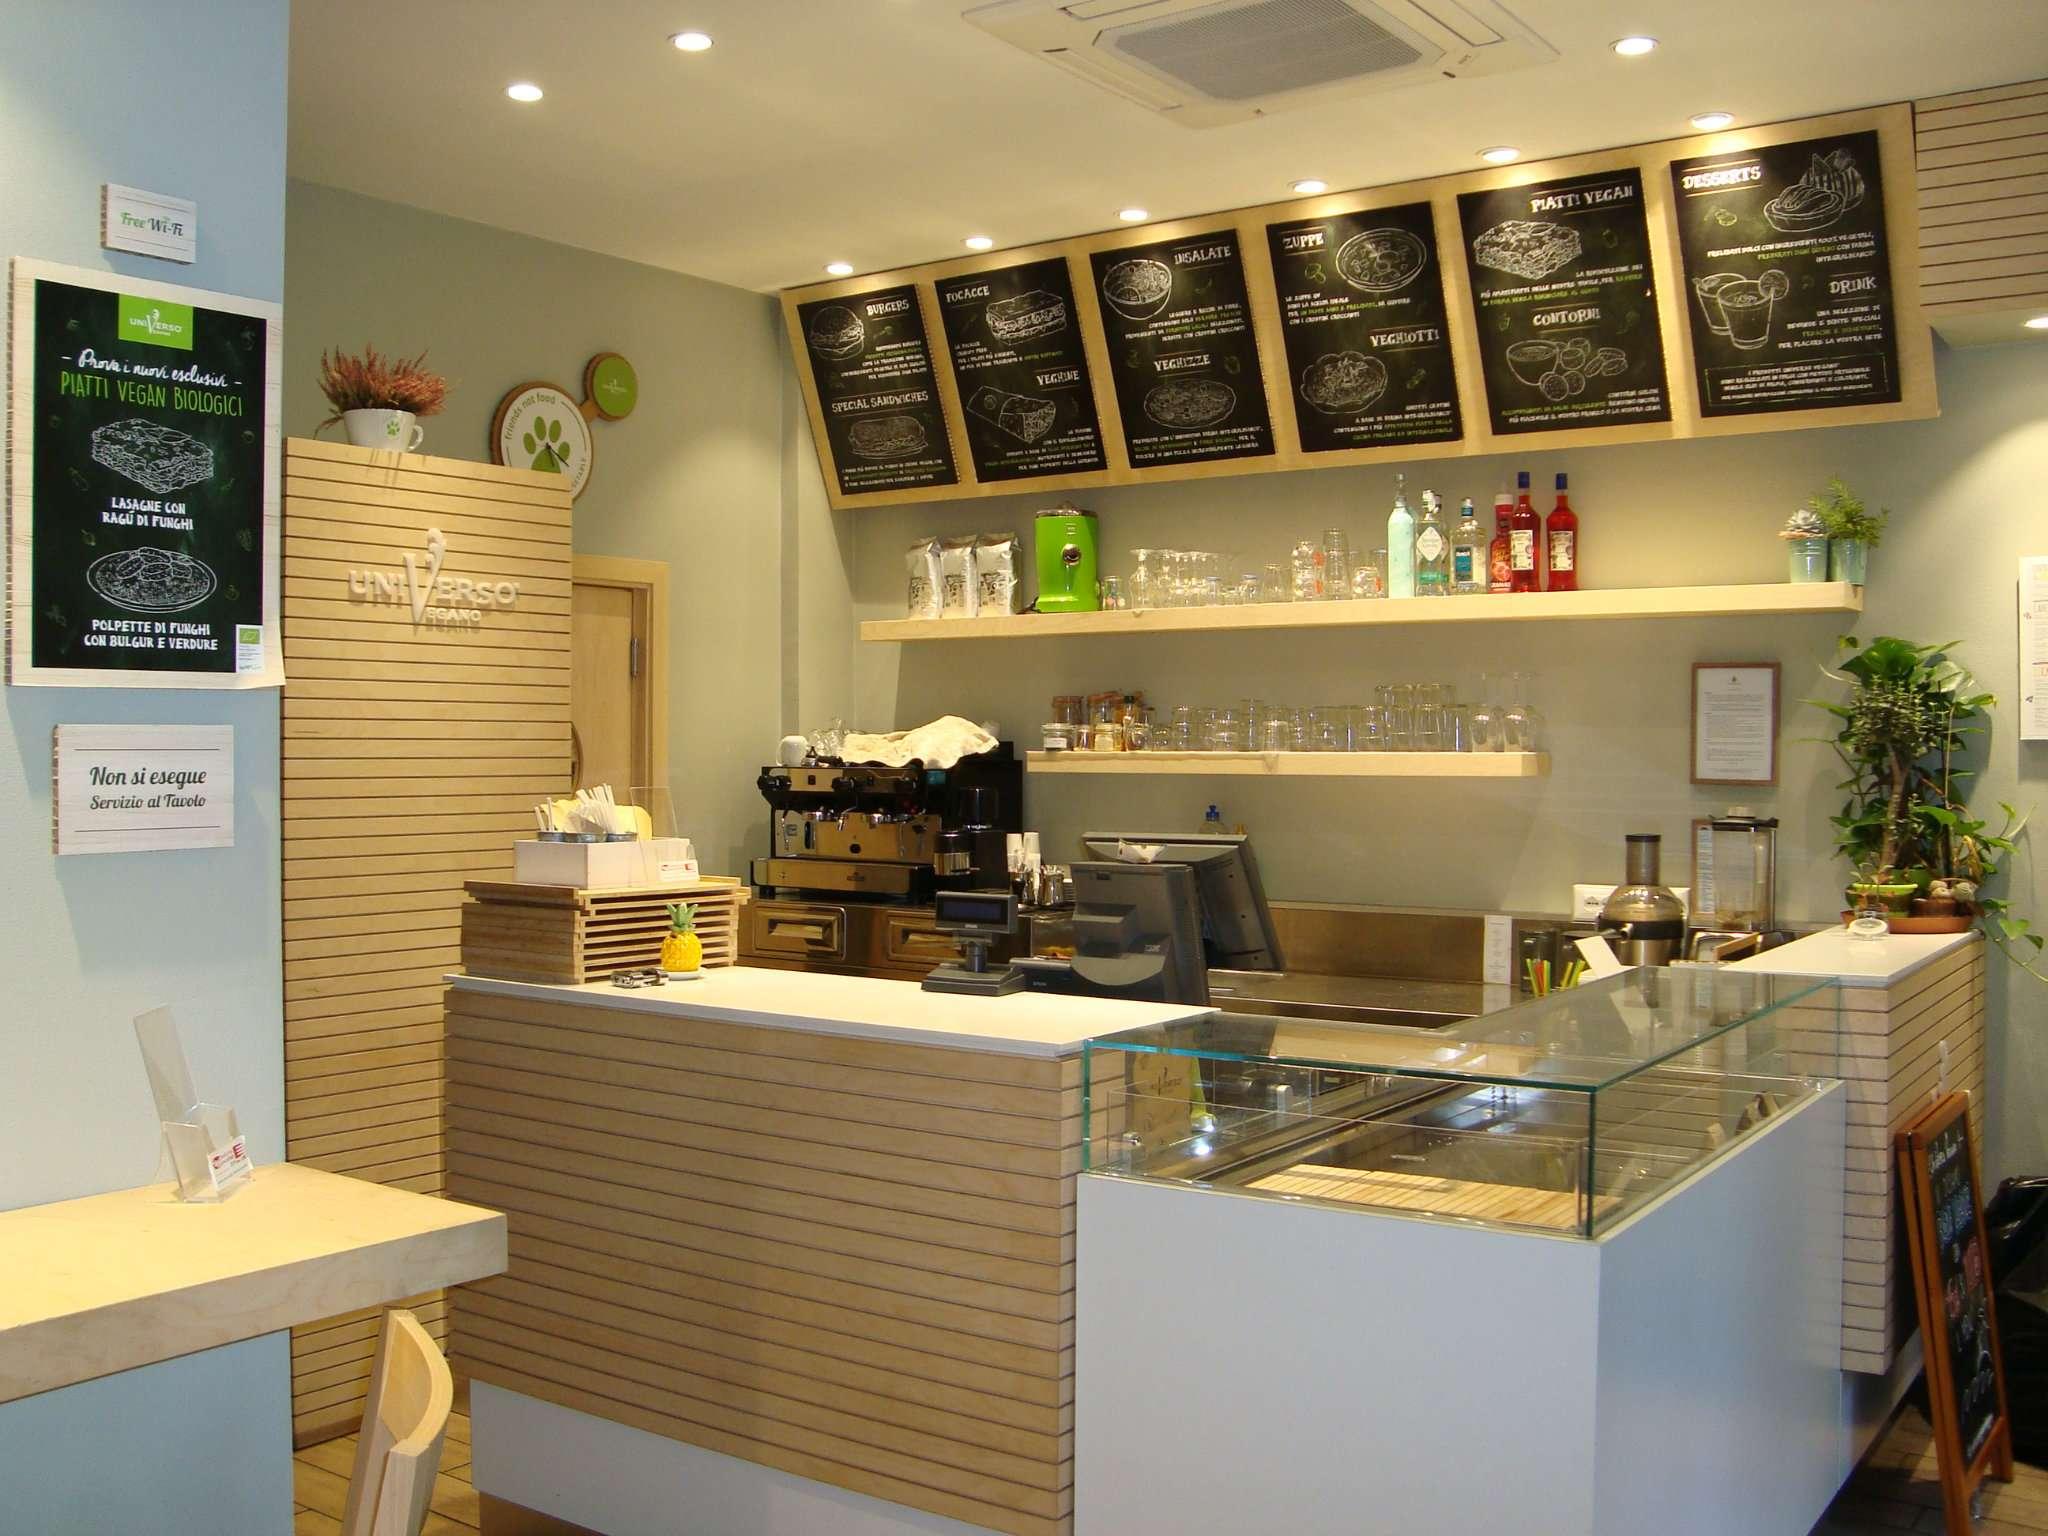 Negozio / Locale in vendita a Bologna, 4 locali, zona Zona: 1 . Centro Storico, prezzo € 160.000 | CambioCasa.it